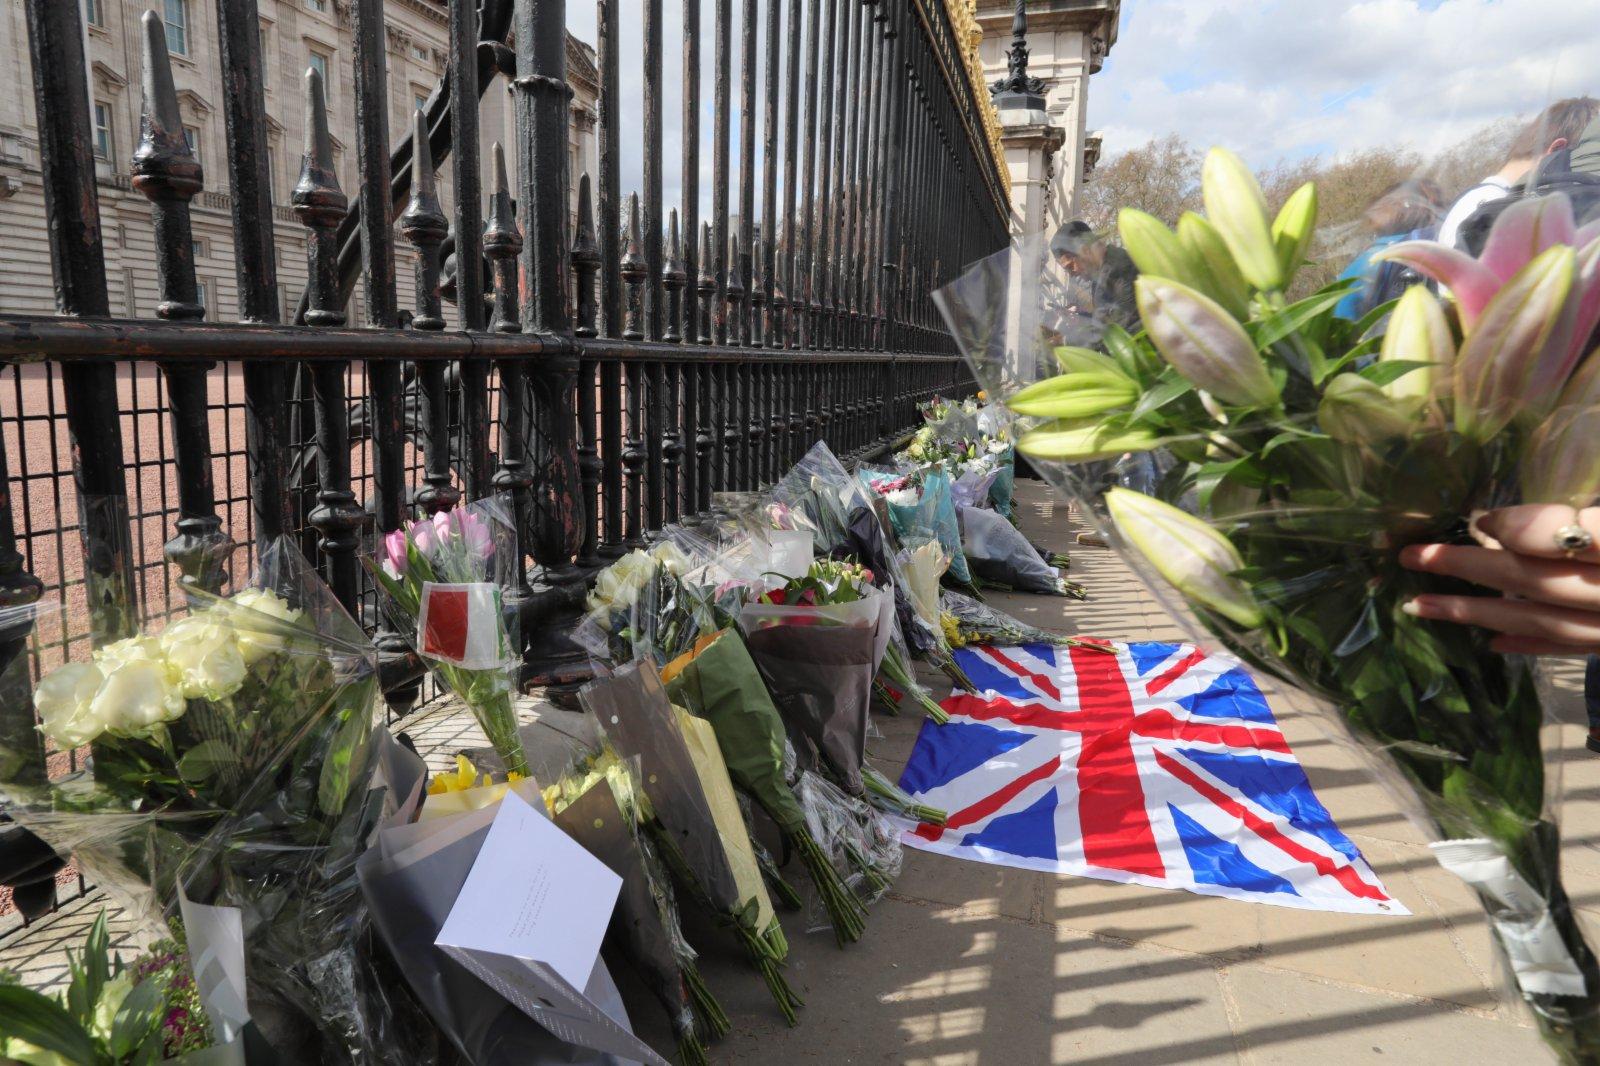 4月9日,人們在英國倫敦的白金漢宮門前擺放鮮花,寄託哀思。新華社